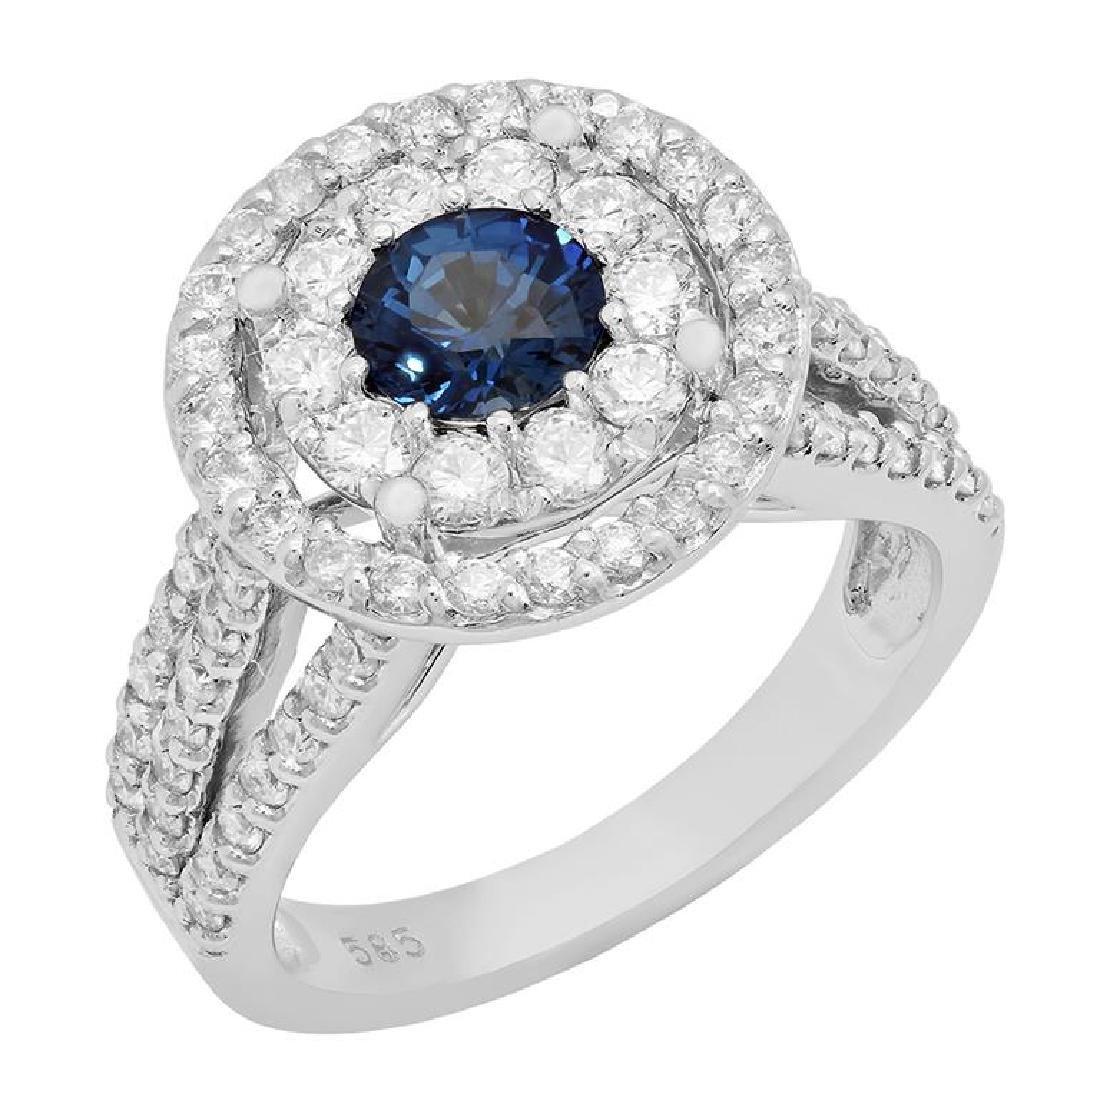 14k White Gold 0.99ct Sapphire 1.52ct Diamond Ring